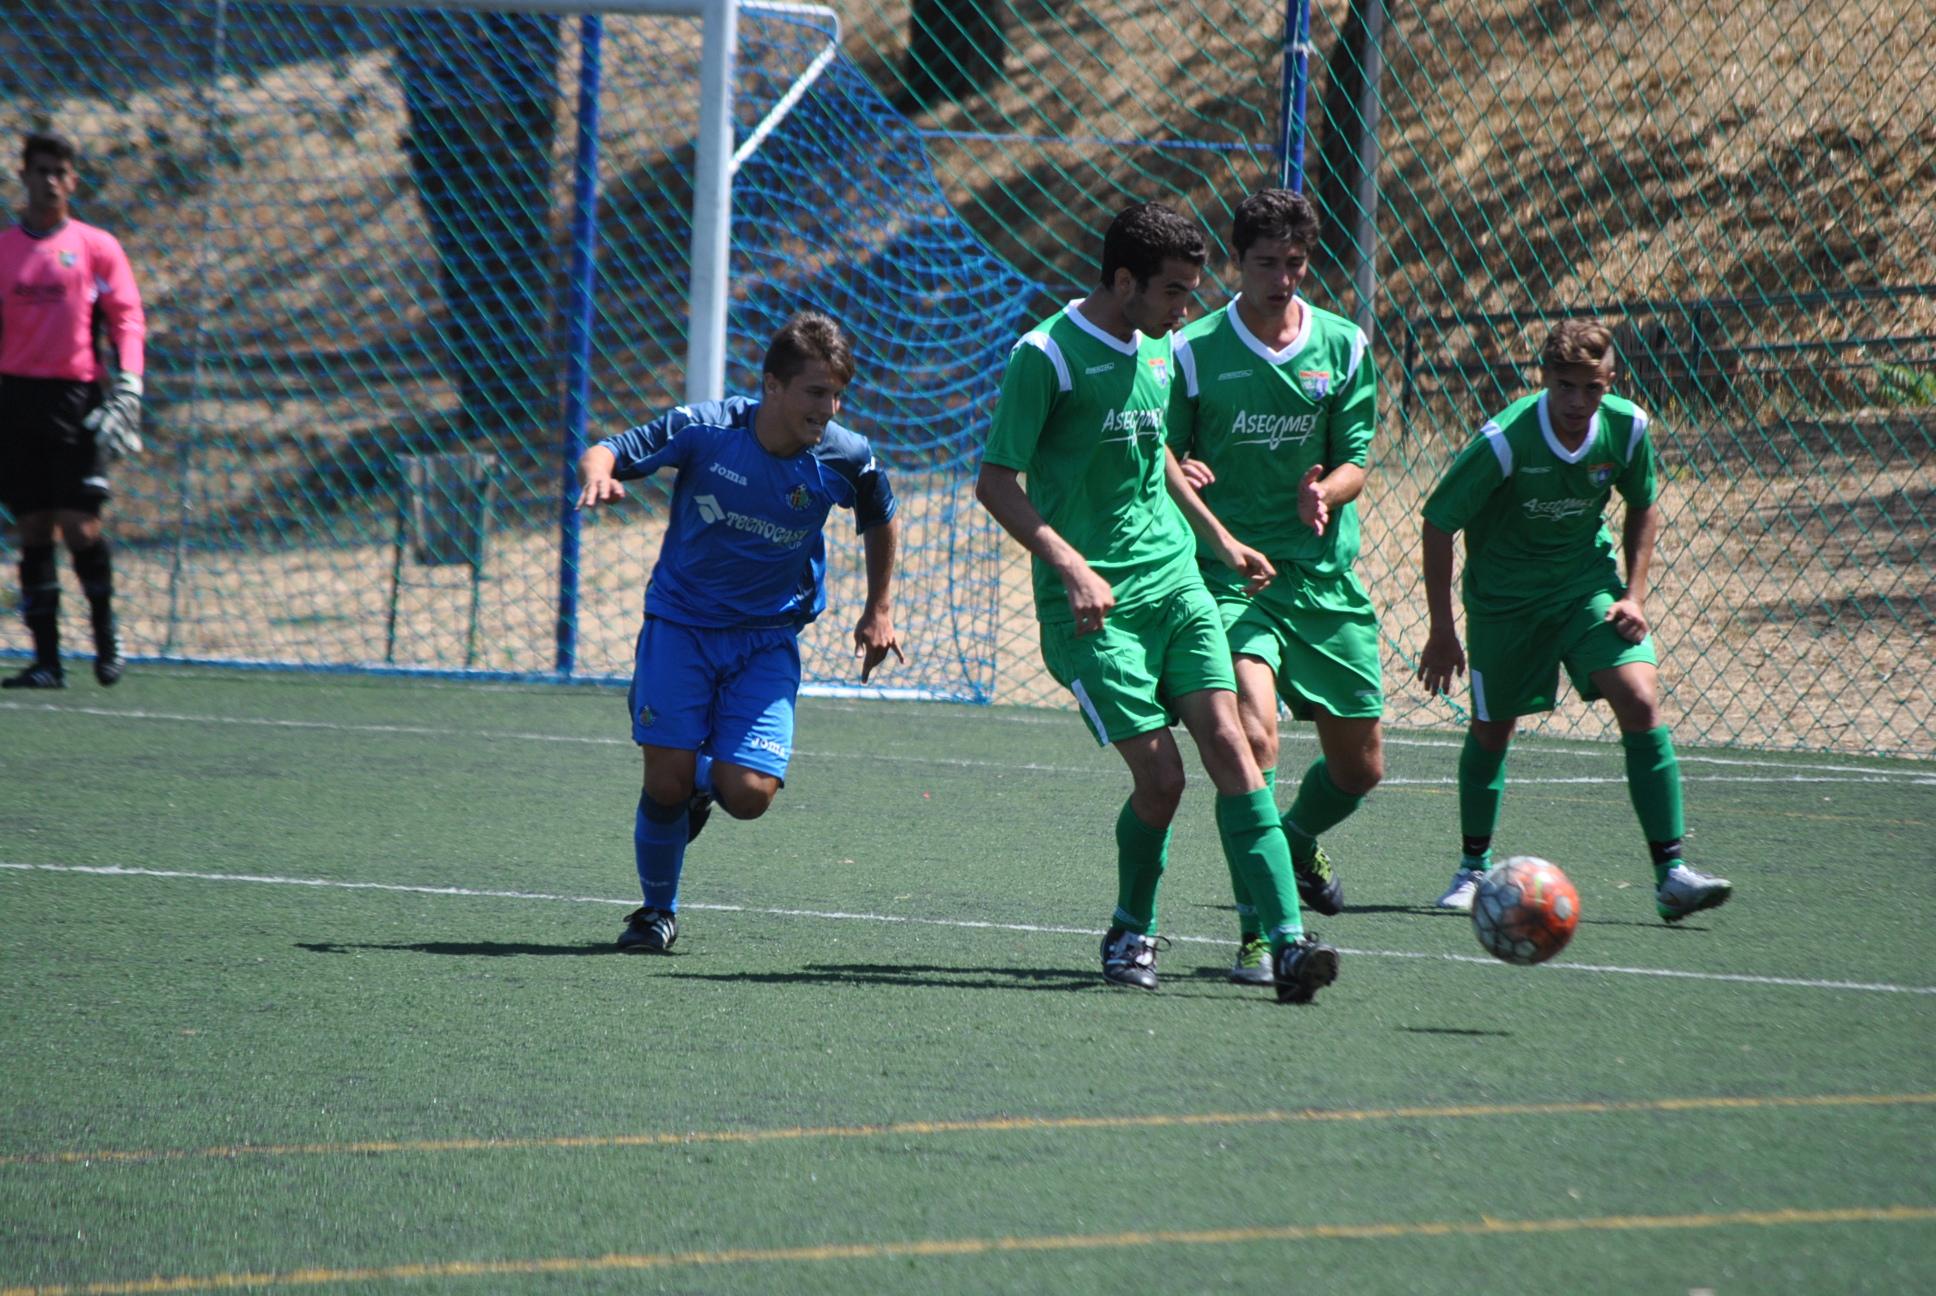 El Juvenil A sufre una exagerada derrota ante el Getafe B en la primera jornada del torneo Madrid Youth Cup 2015